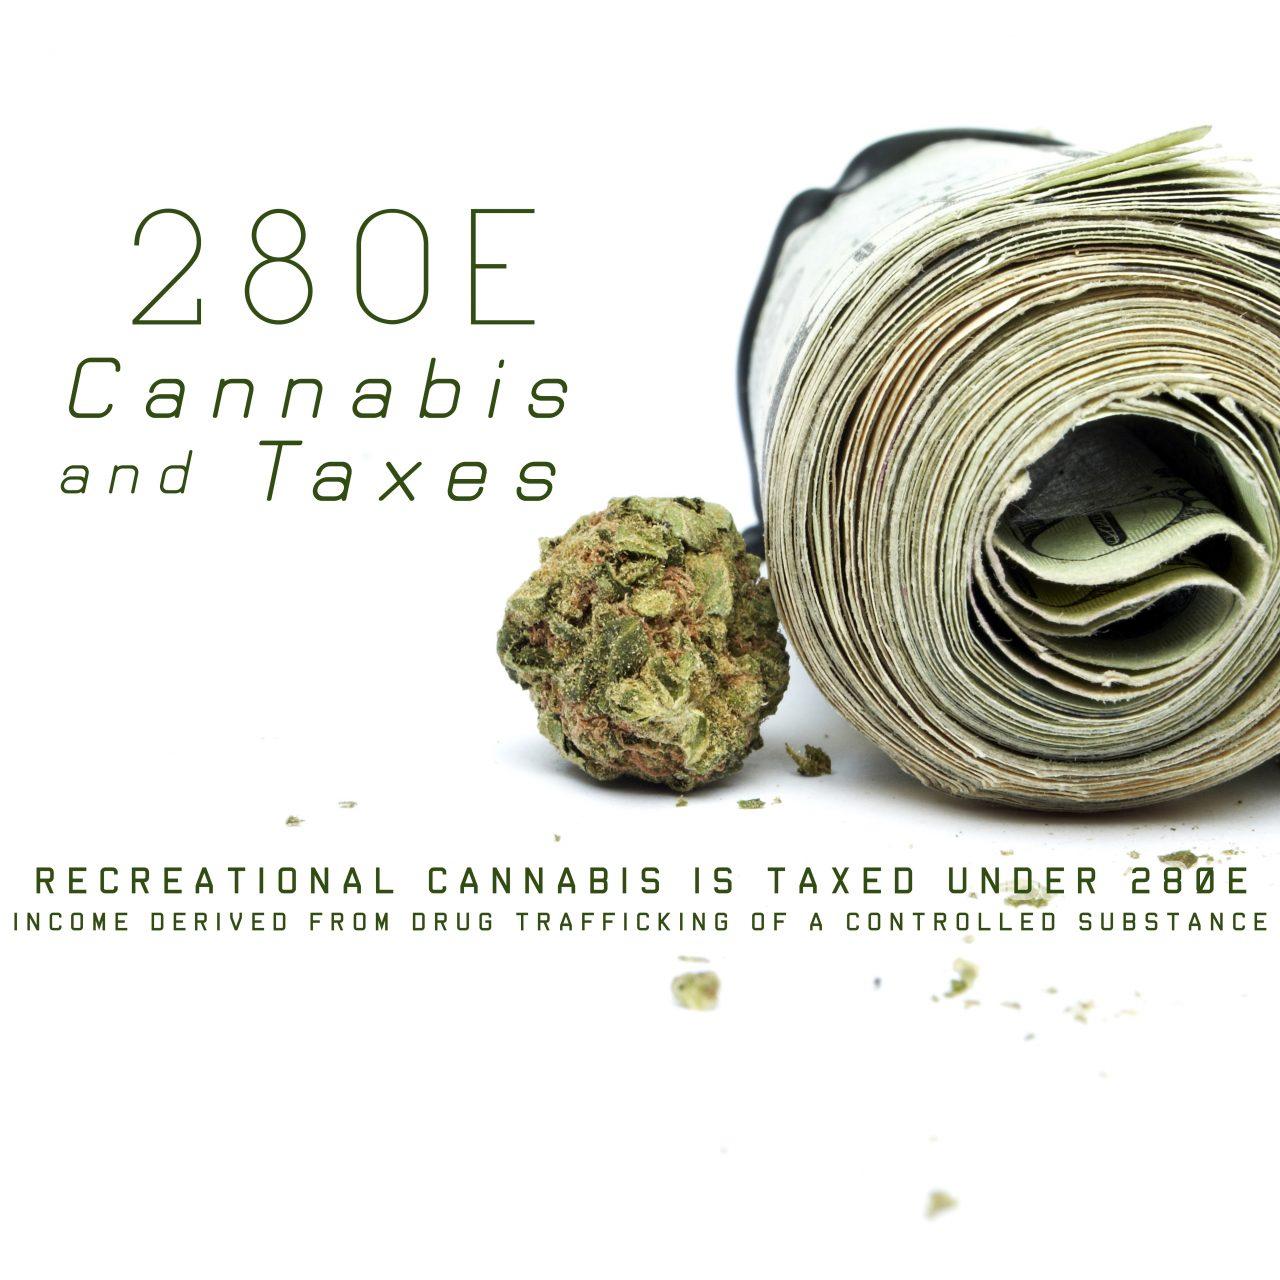 Cannabis tax bill s-777